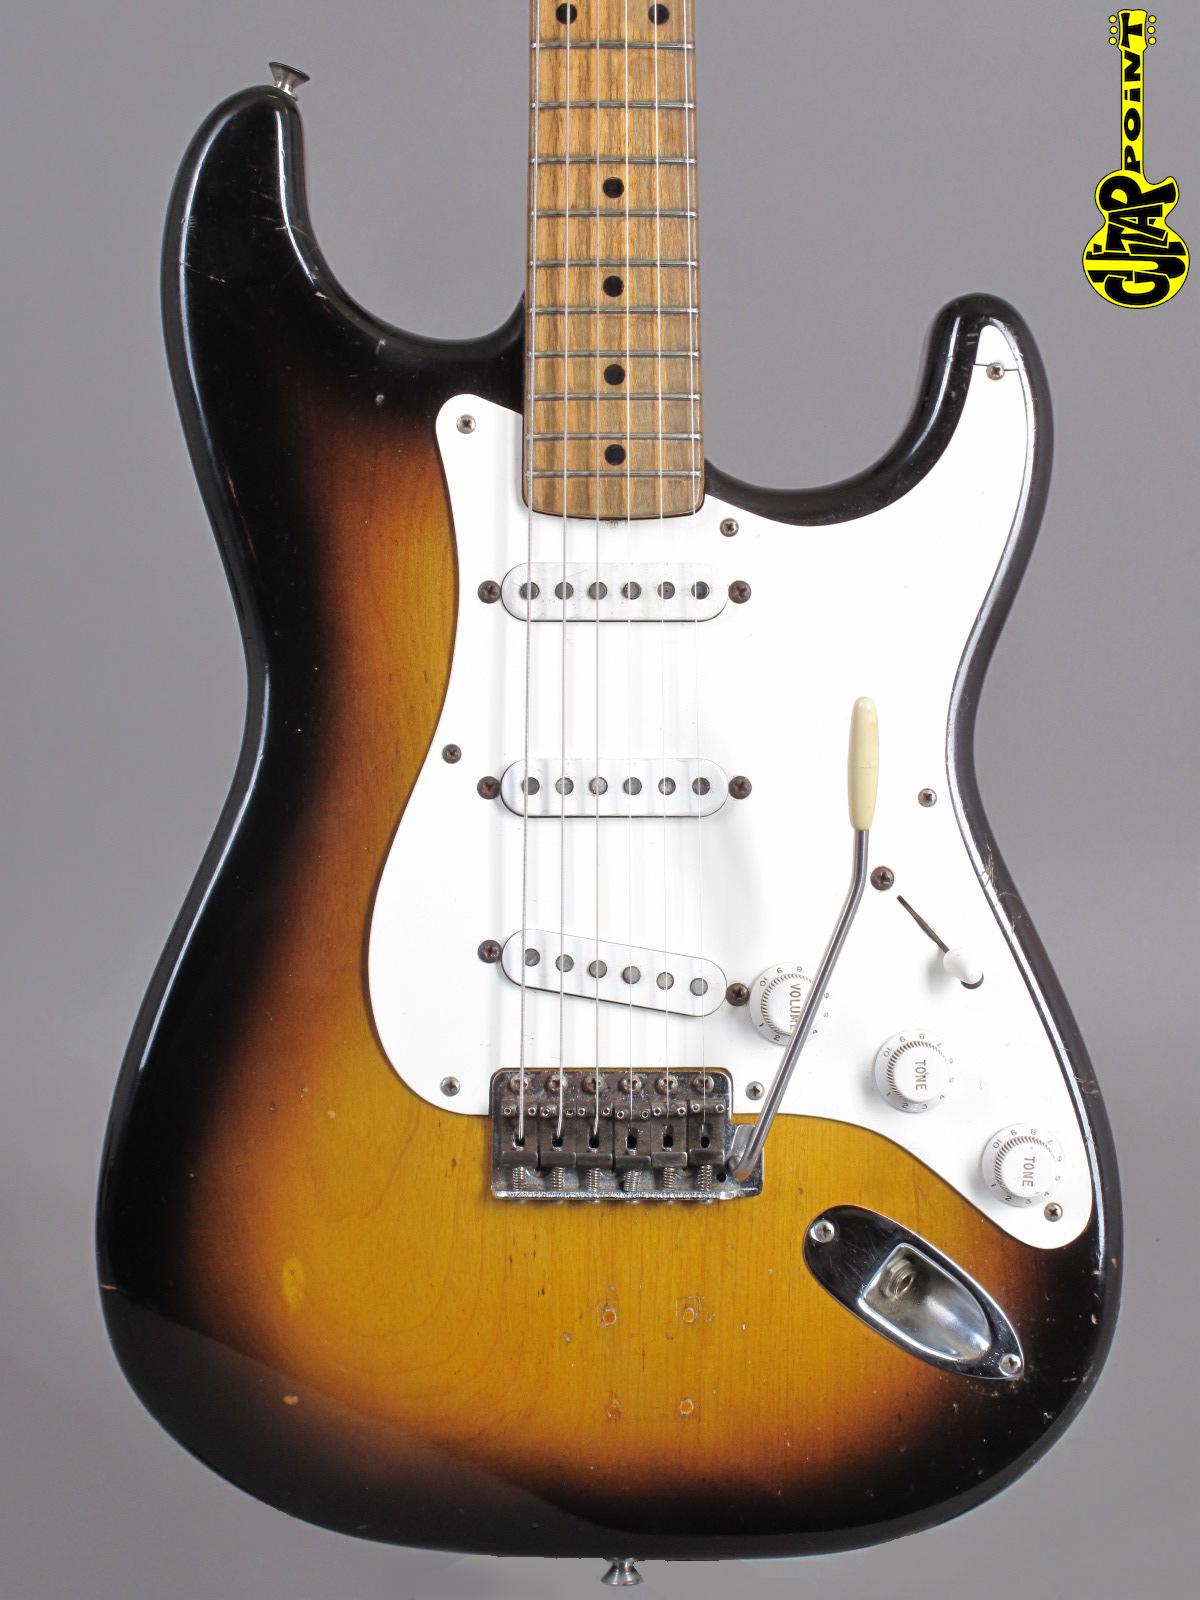 1956 Fender Stratocaster - 2-tone Sunburst